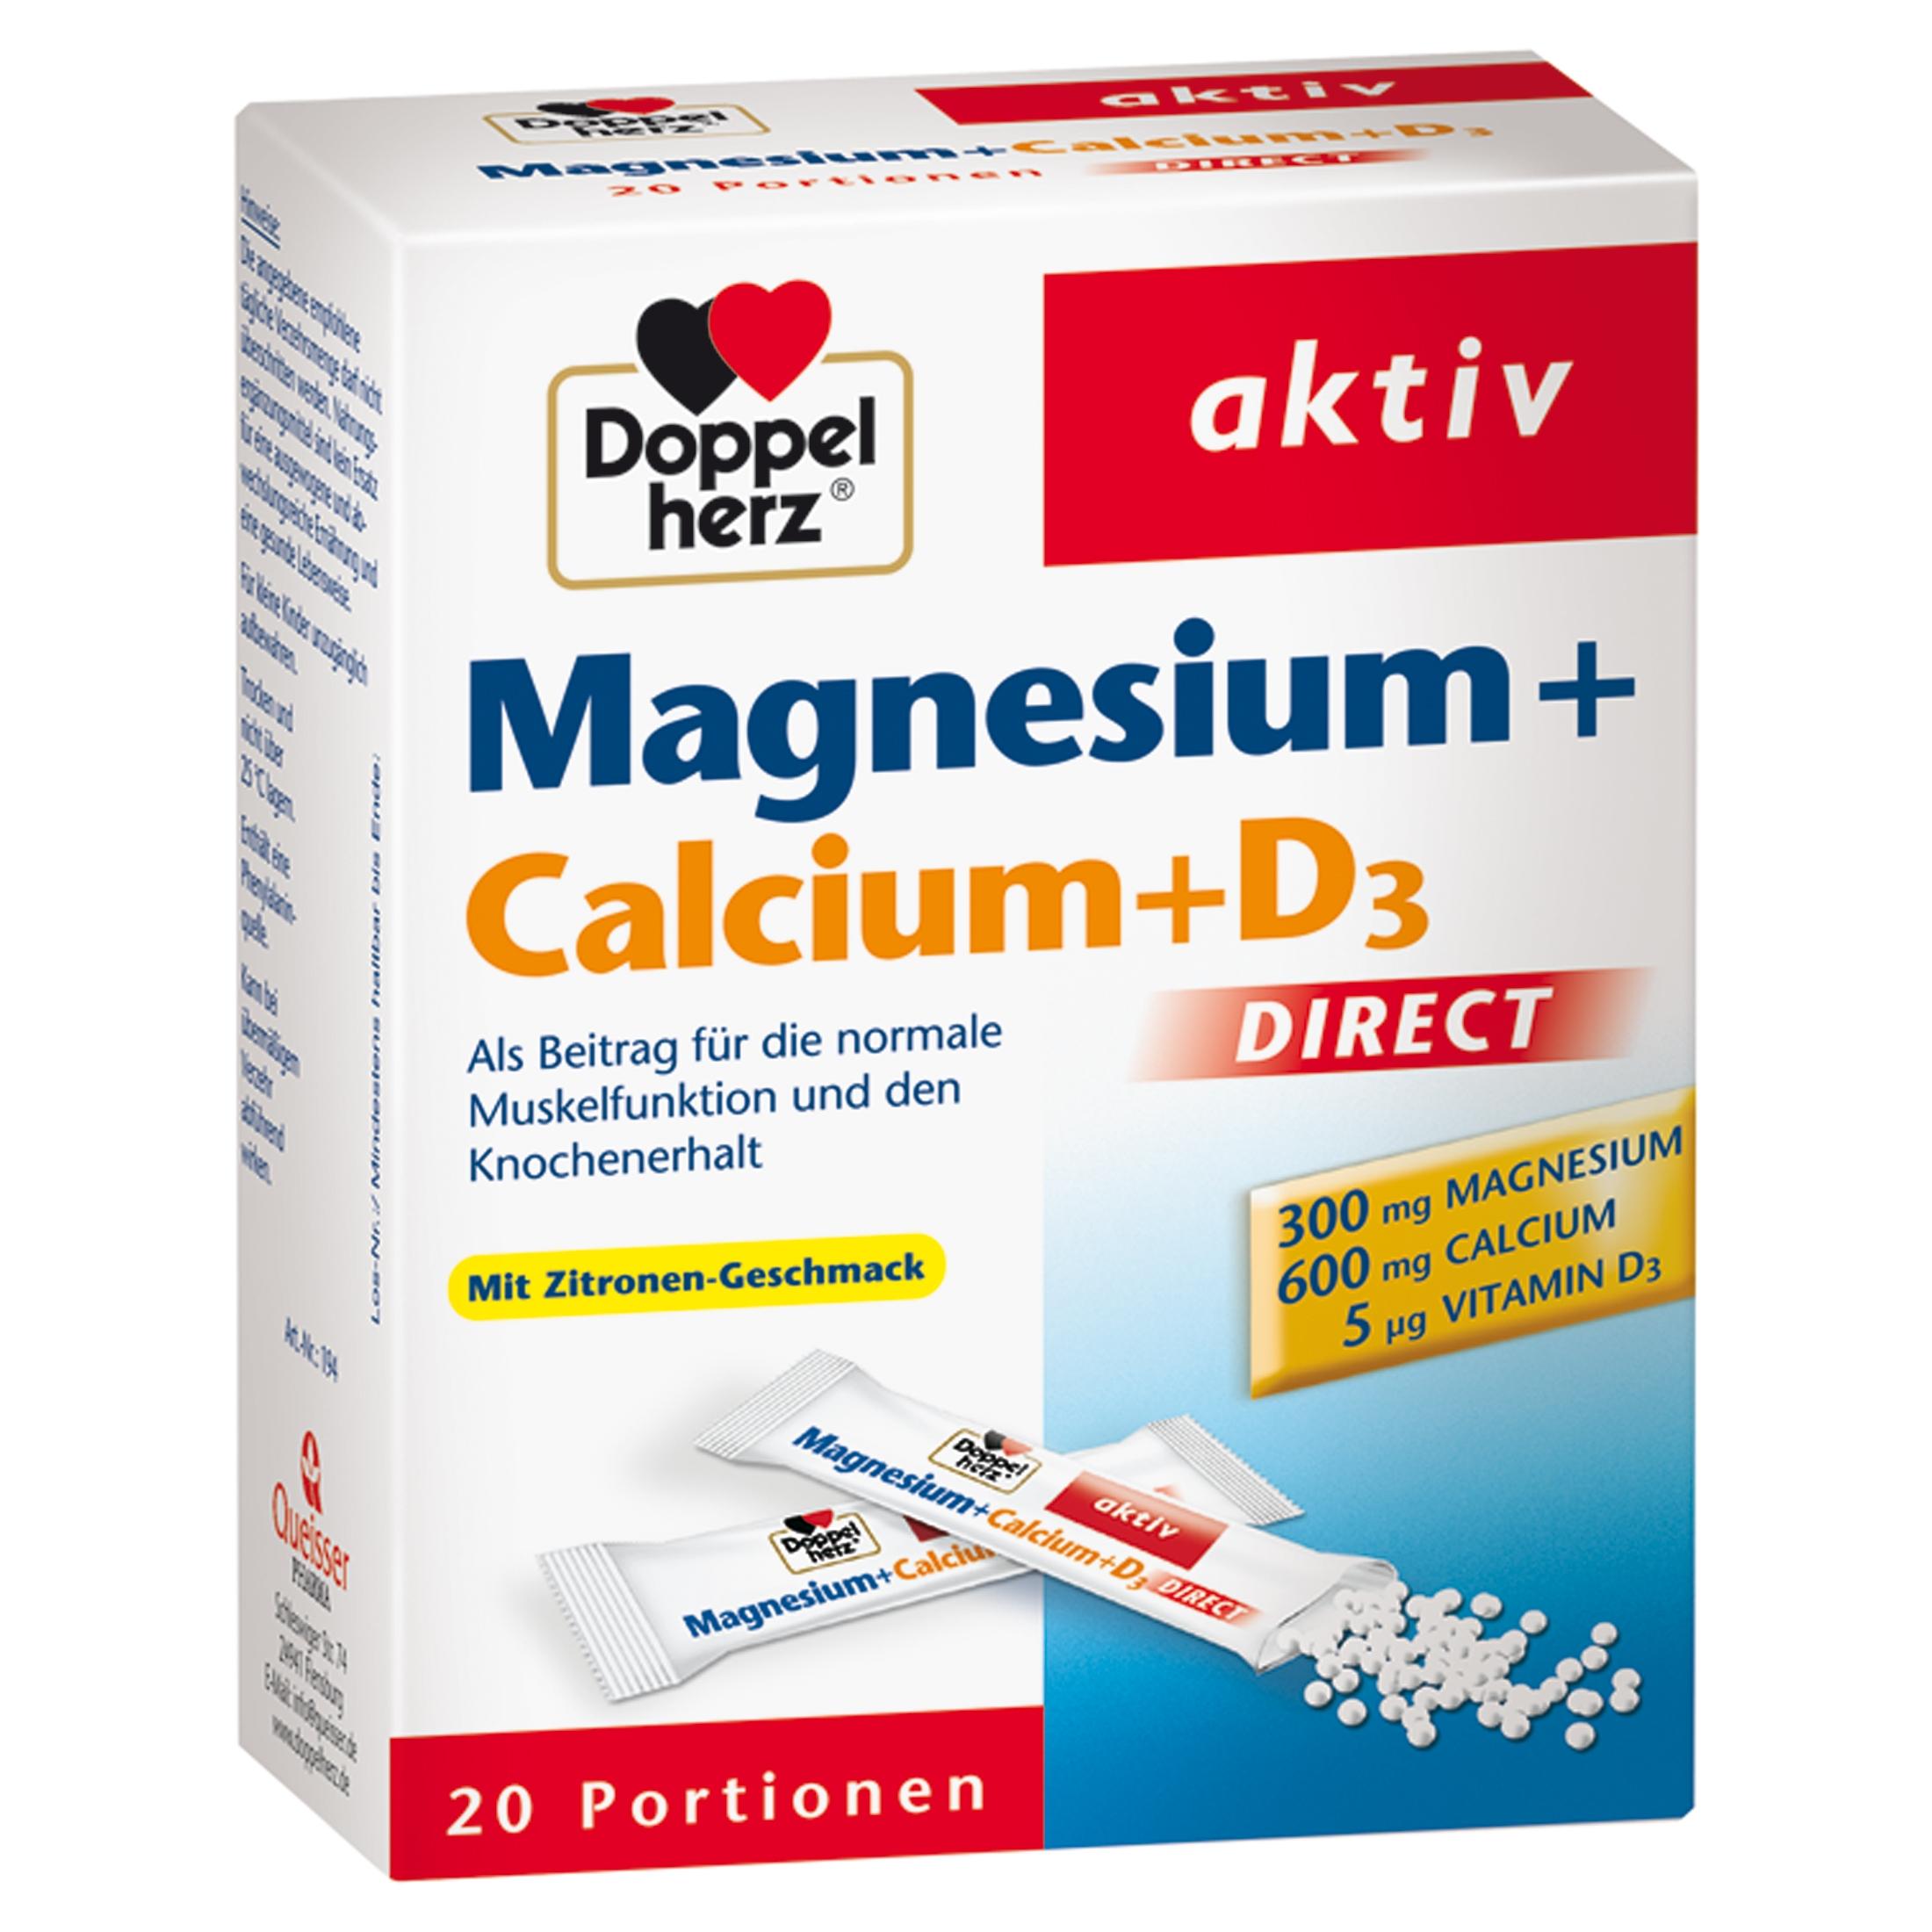 Doppelherz Magnesium+Calcium+D3 Direct Pellets 20 St